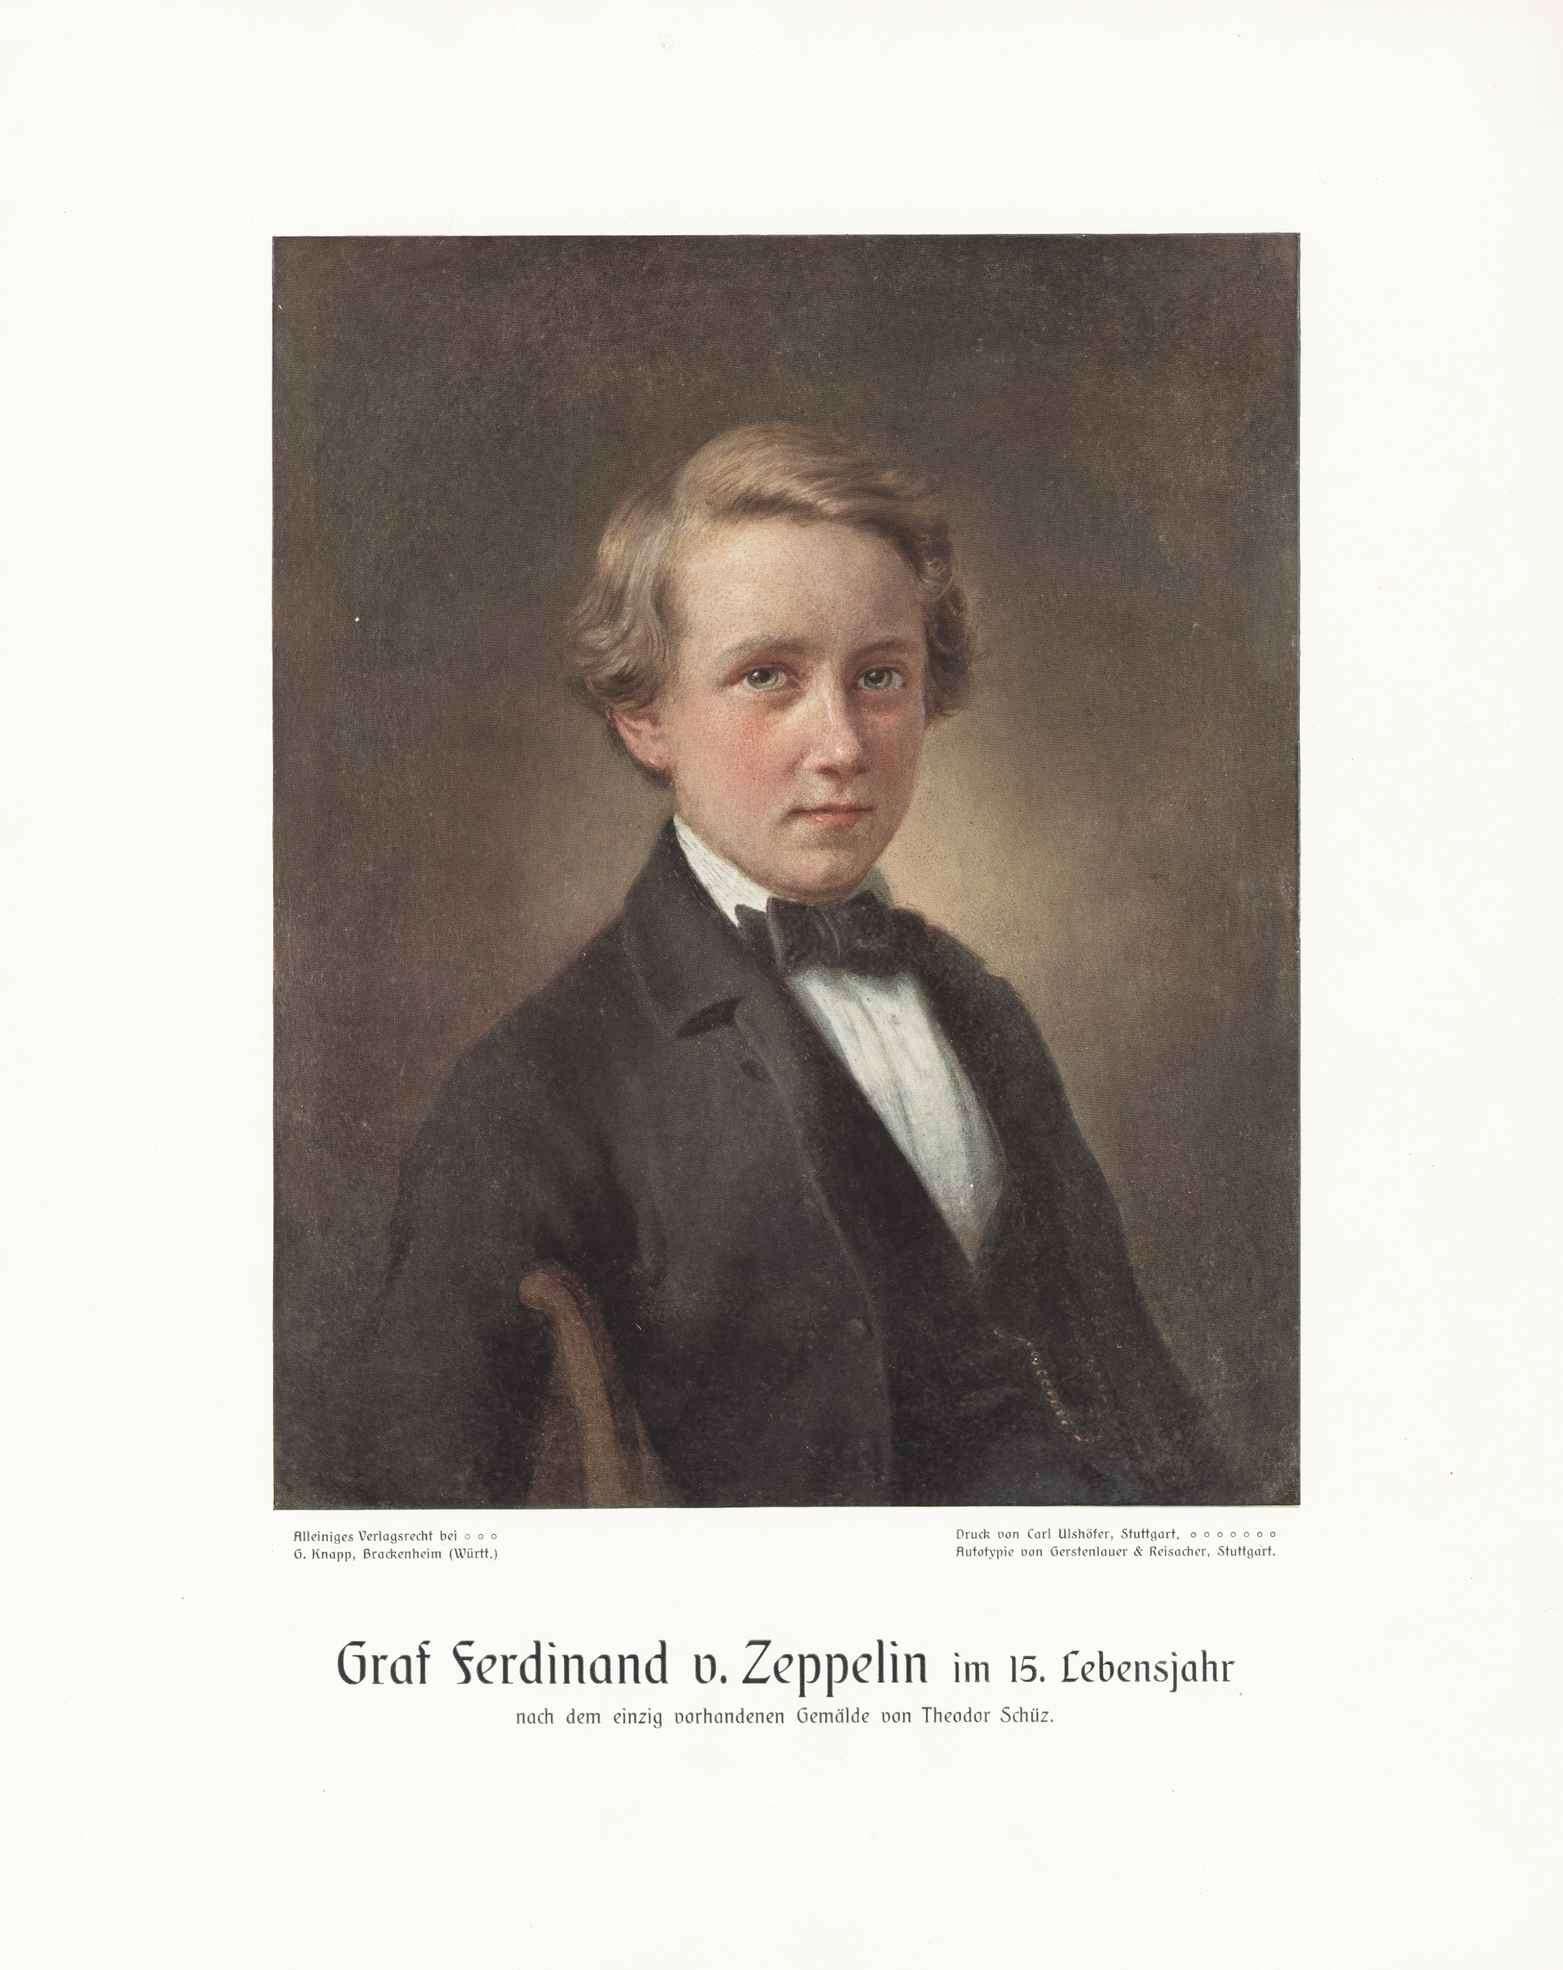 Graf Ferdinand von Zeppelin im Jugendalter (15. Lebensjahr), Bild 1